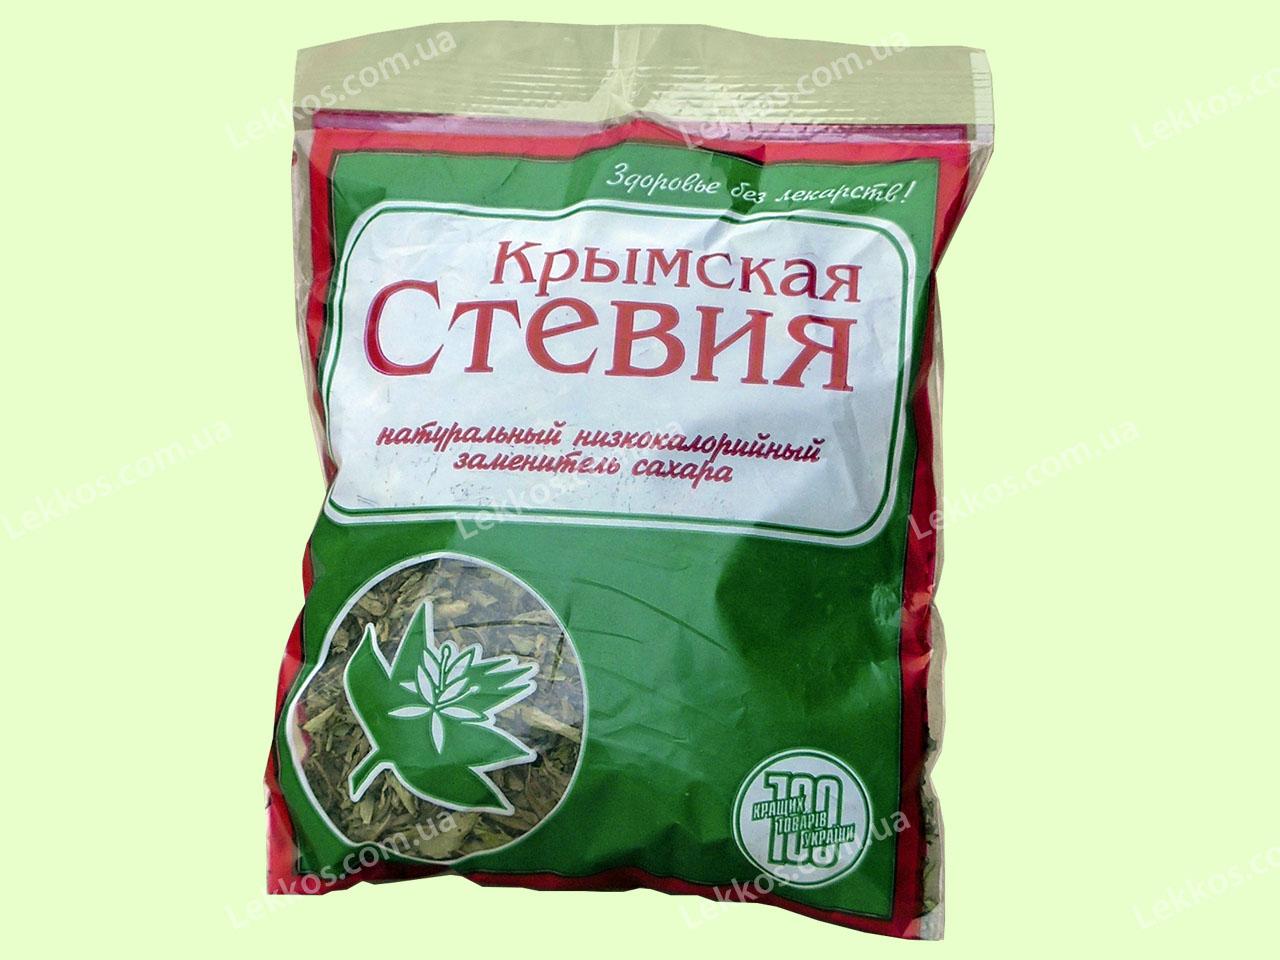 Воздушно сухой лист Стевии 33 грамма